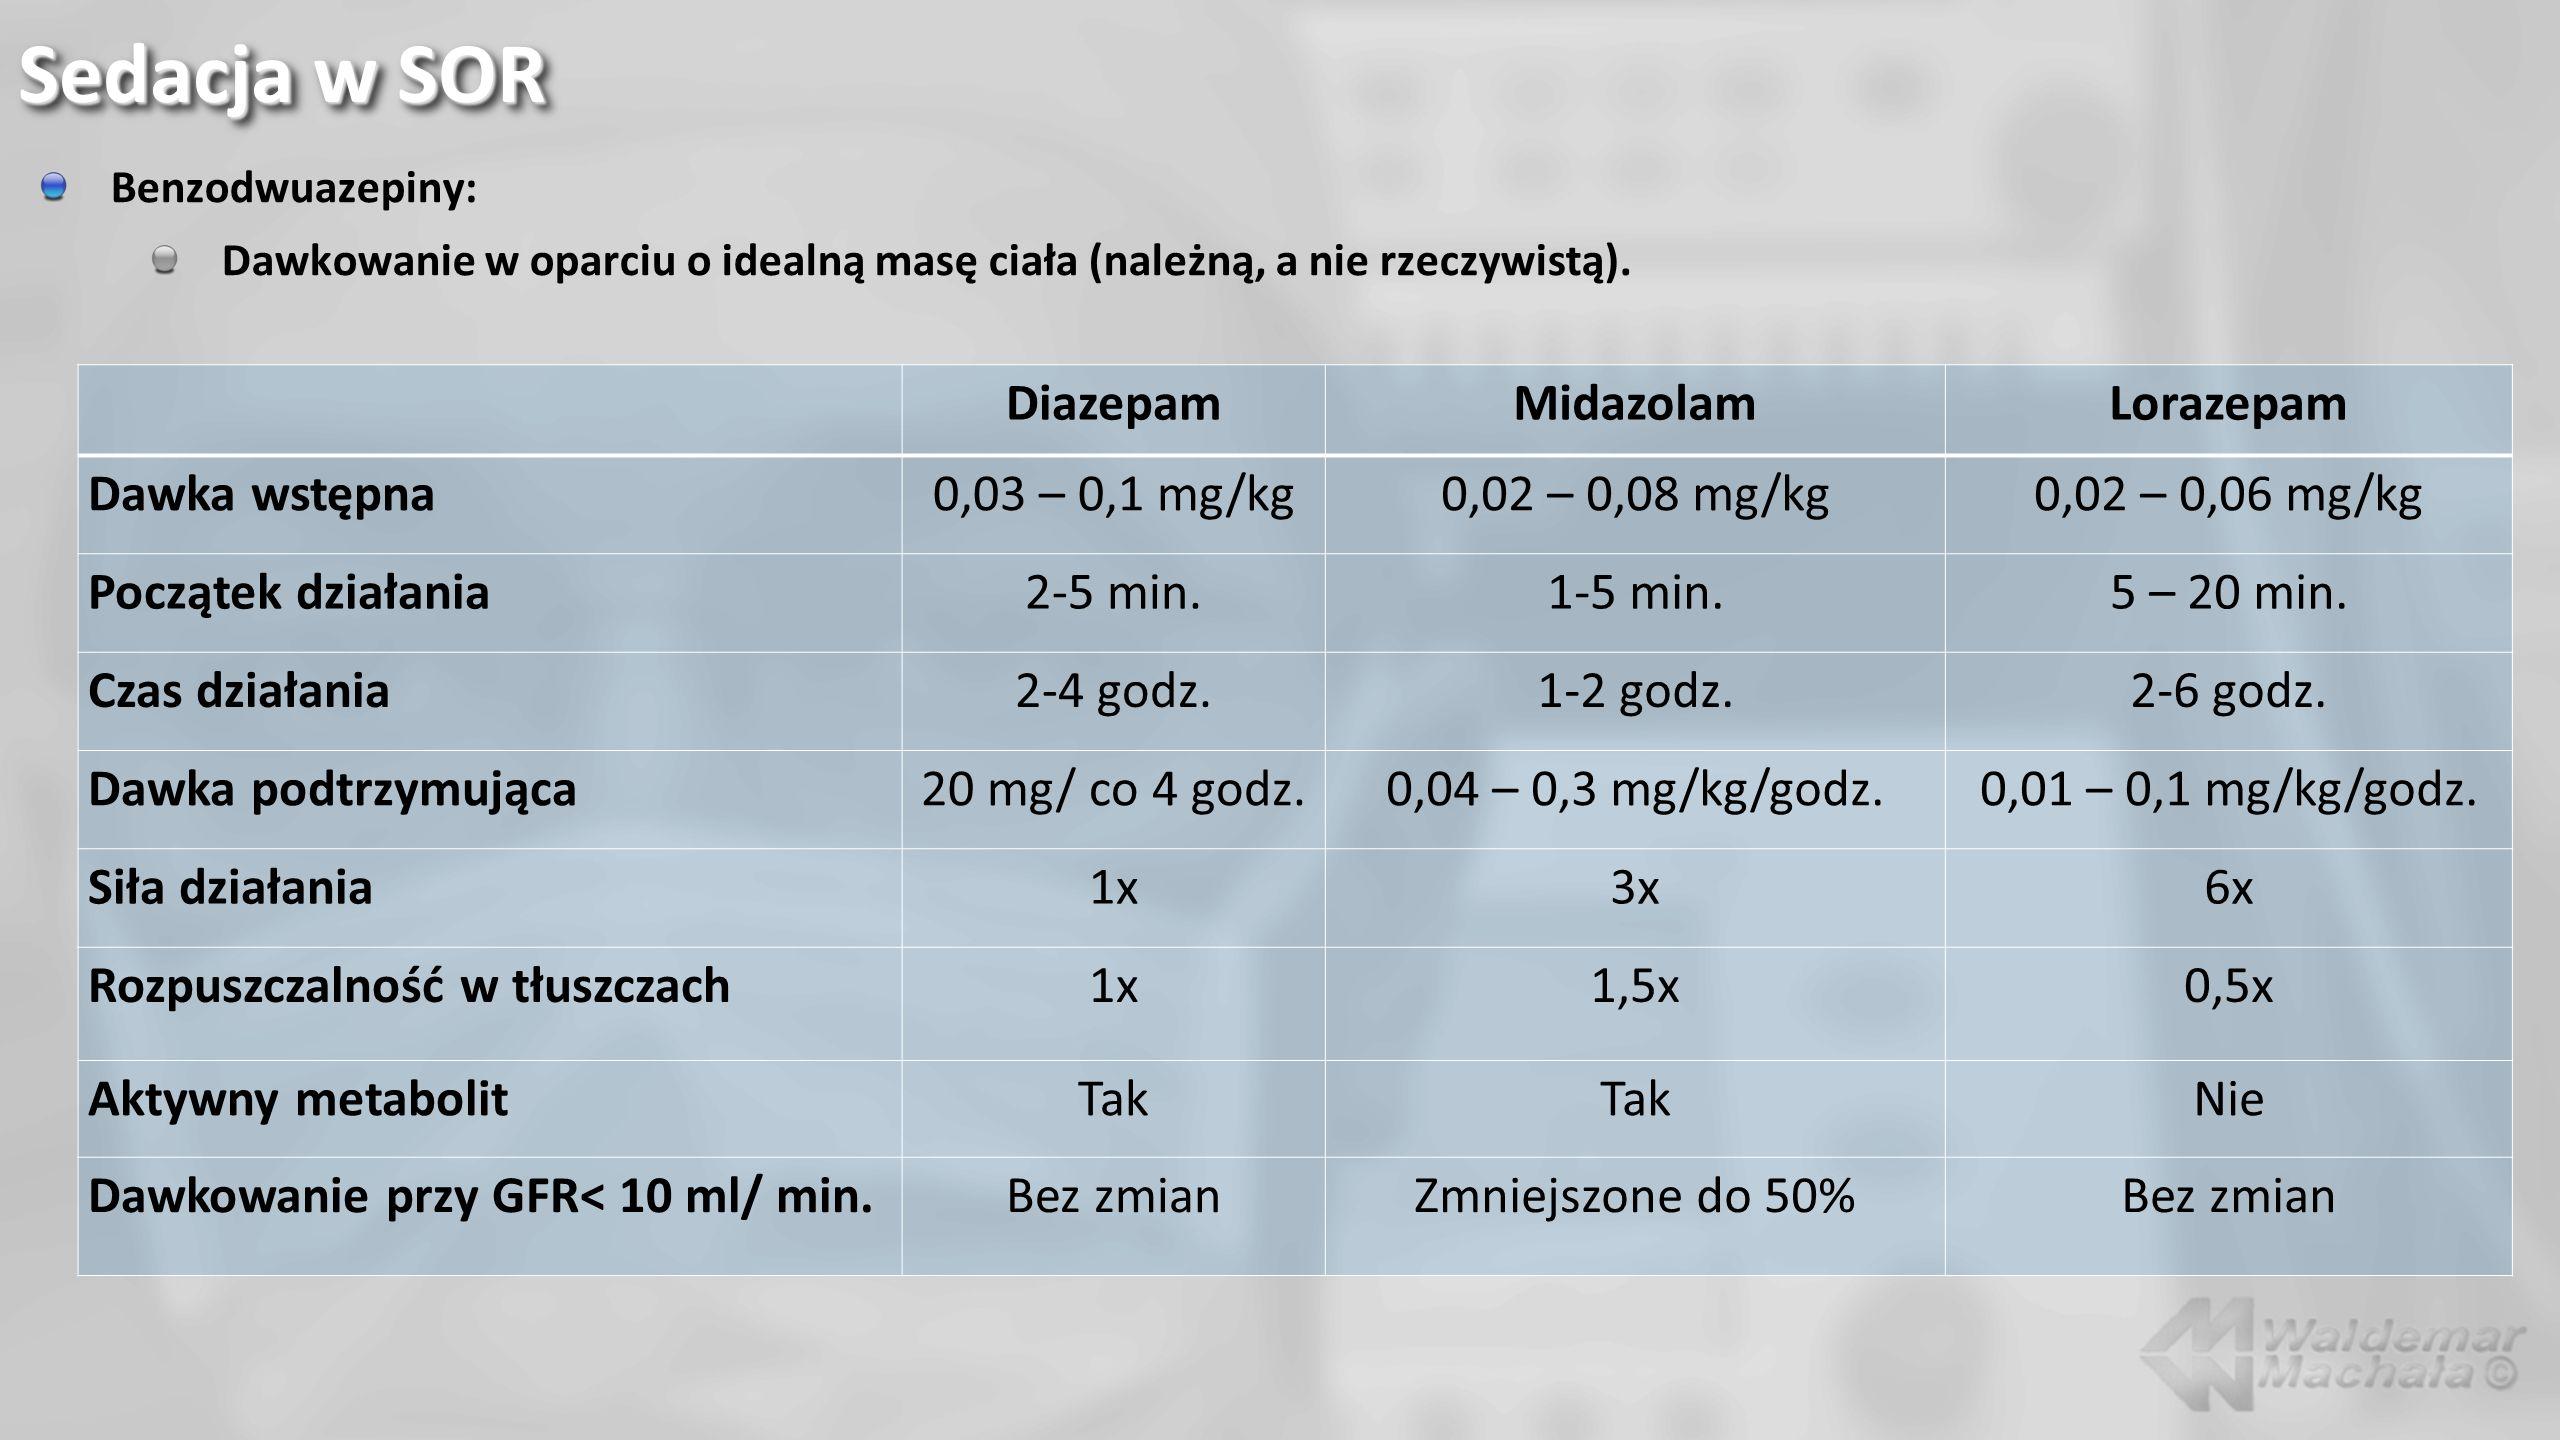 Benzodwuazepiny: Dawkowanie w oparciu o idealną masę ciała (należną, a nie rzeczywistą). DiazepamMidazolamLorazepam Dawka wstępna0,03 – 0,1 mg/kg0,02